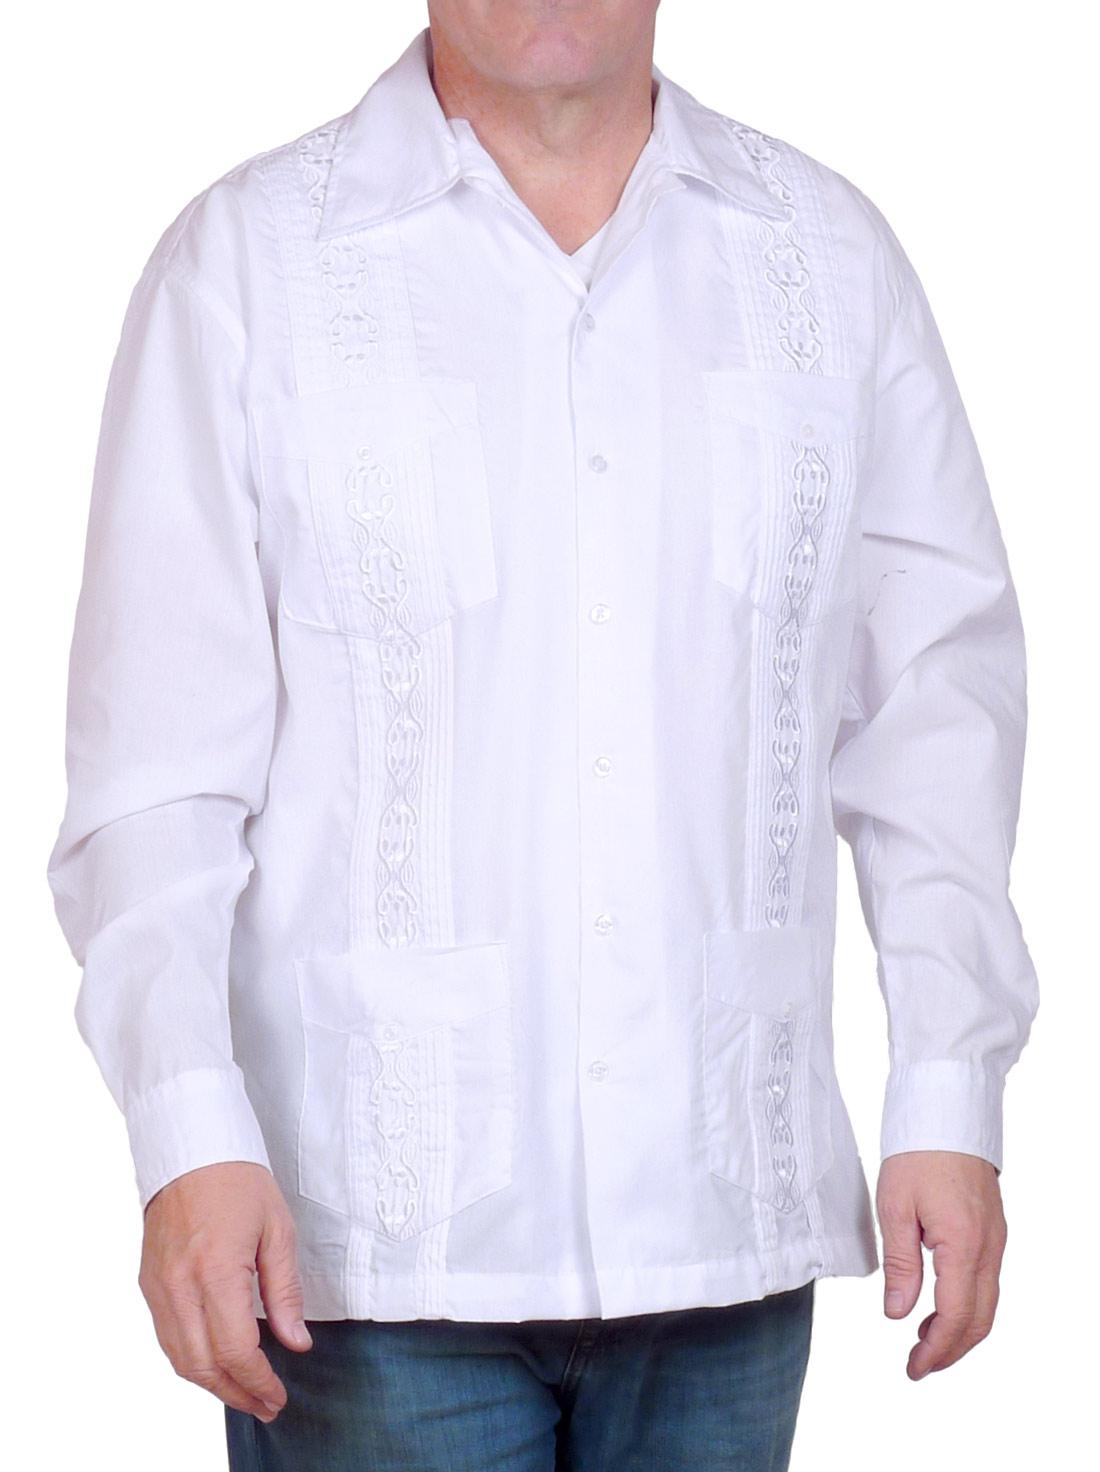 Cuban Style Guayabera Shirts Mexican Wedding Shirts